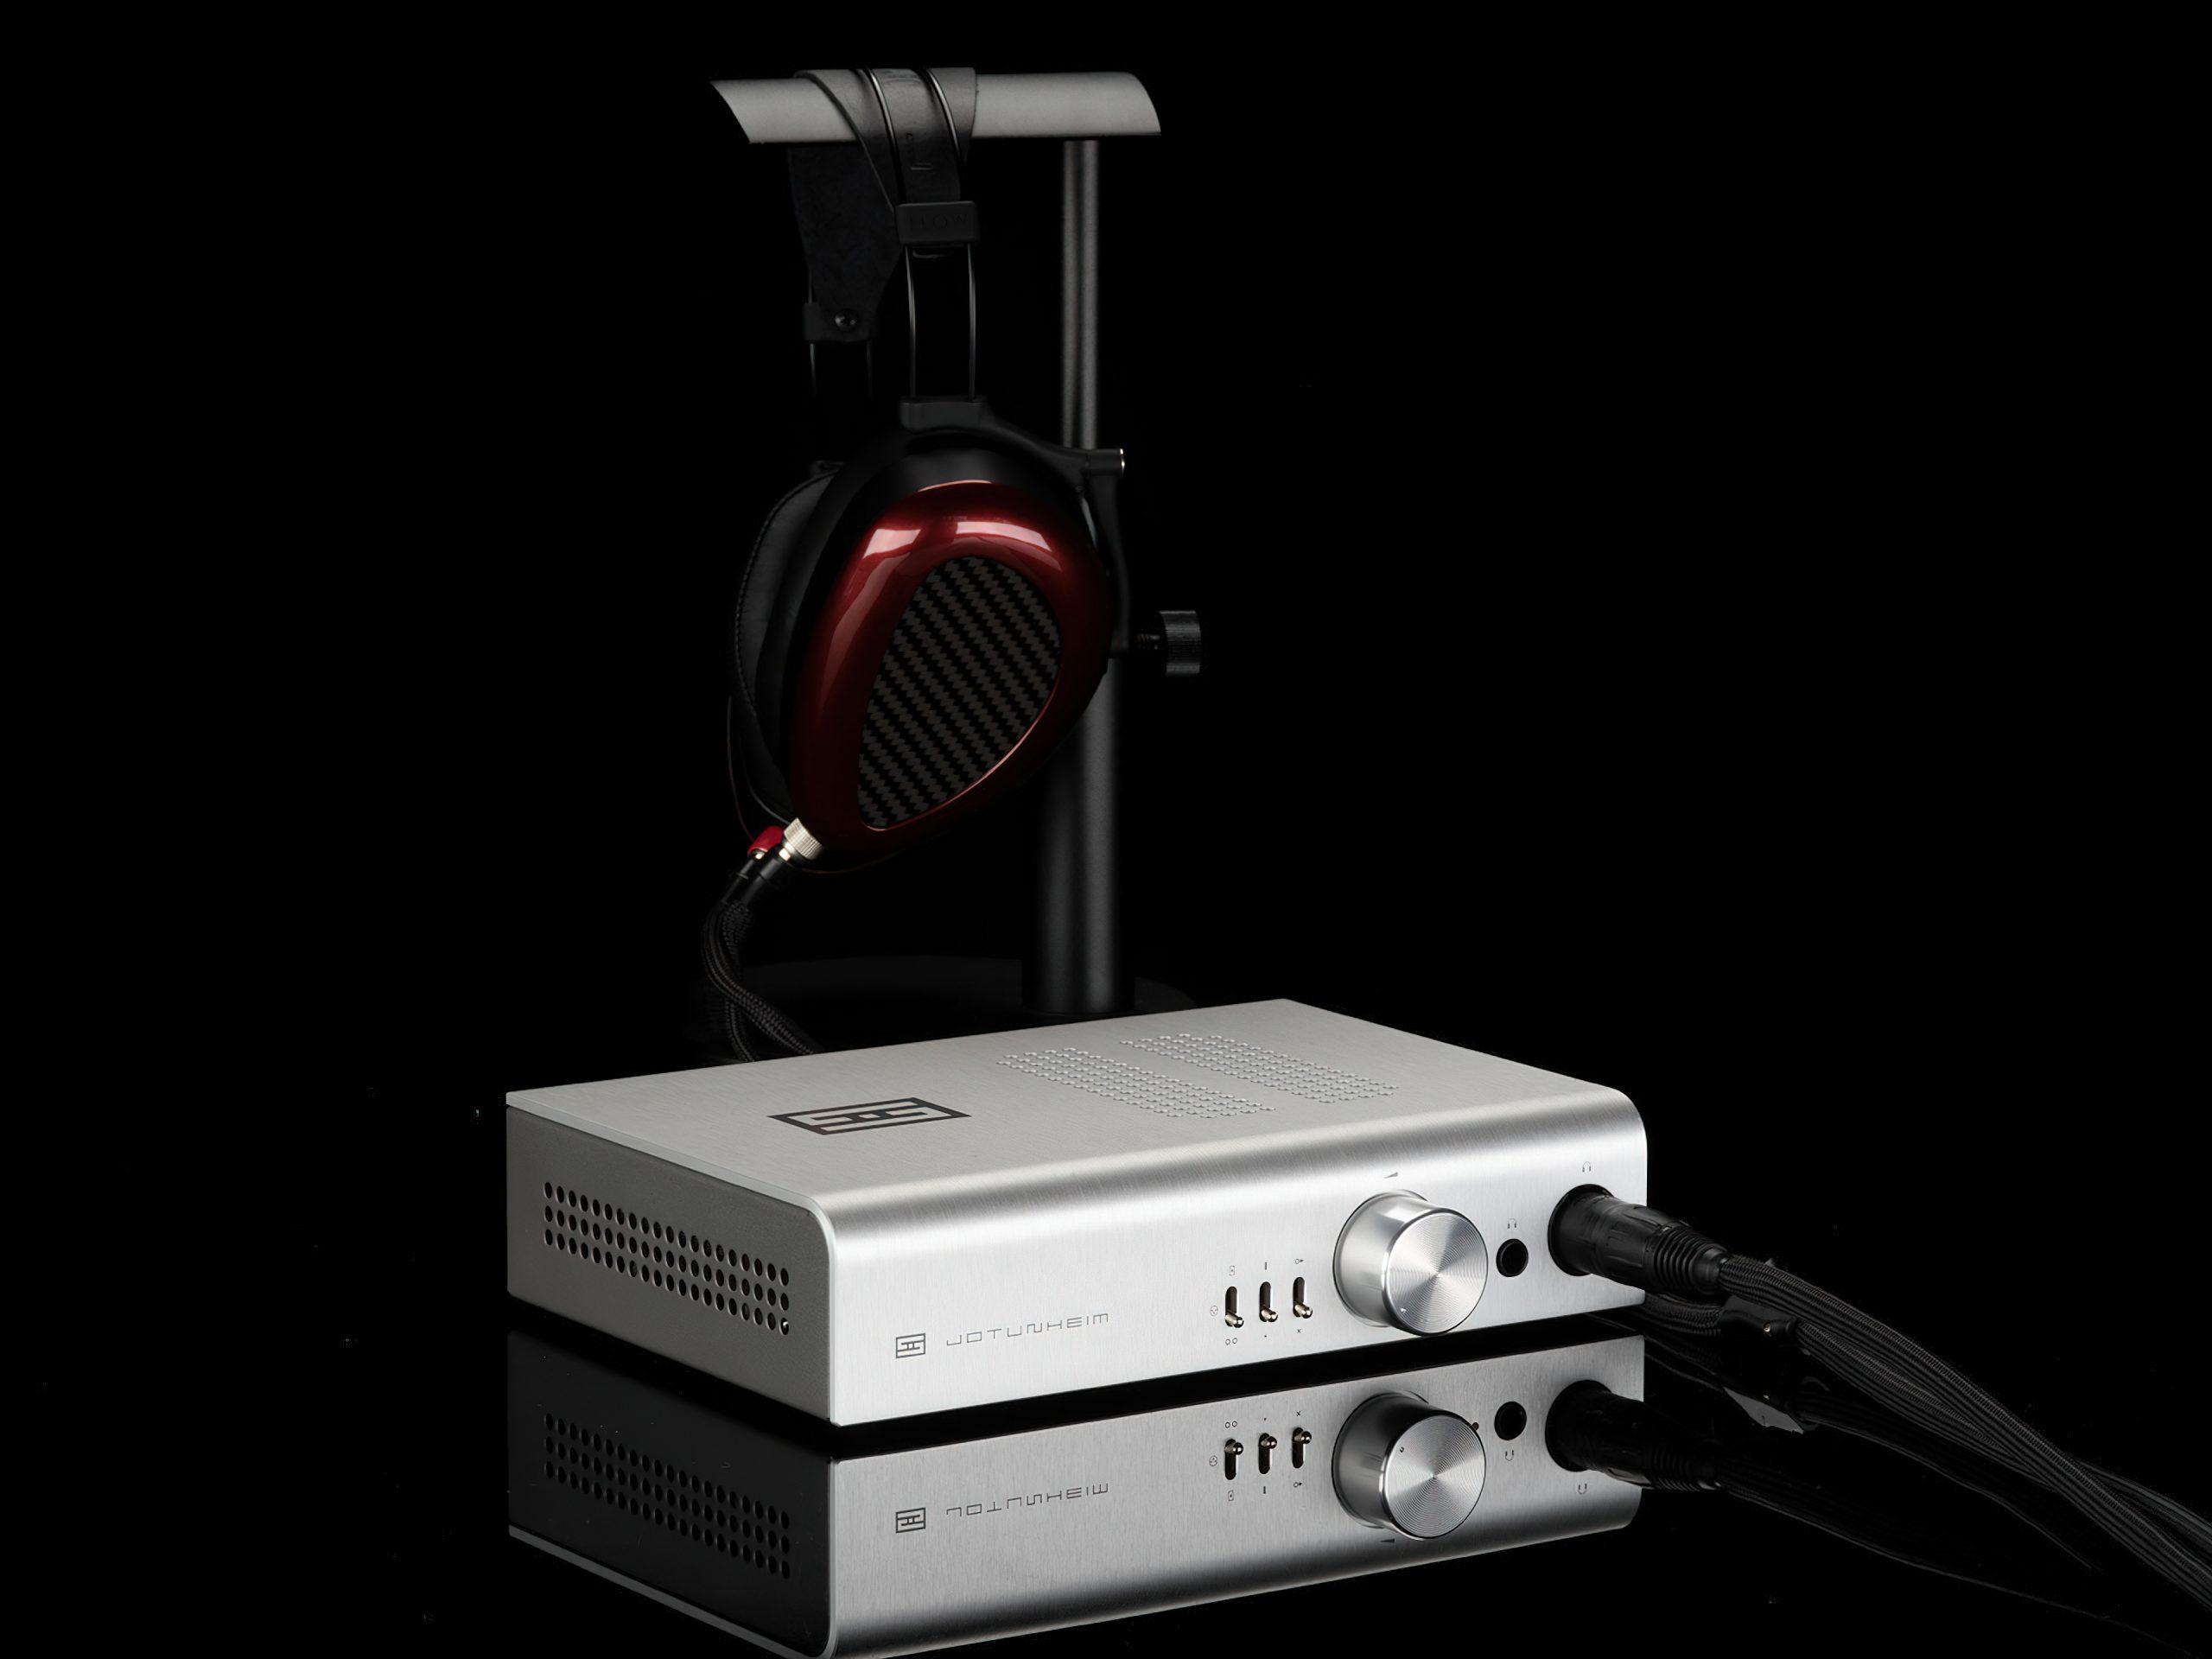 schiit jotunheim 2 with headphones 1920-gigapixel-width-3840px